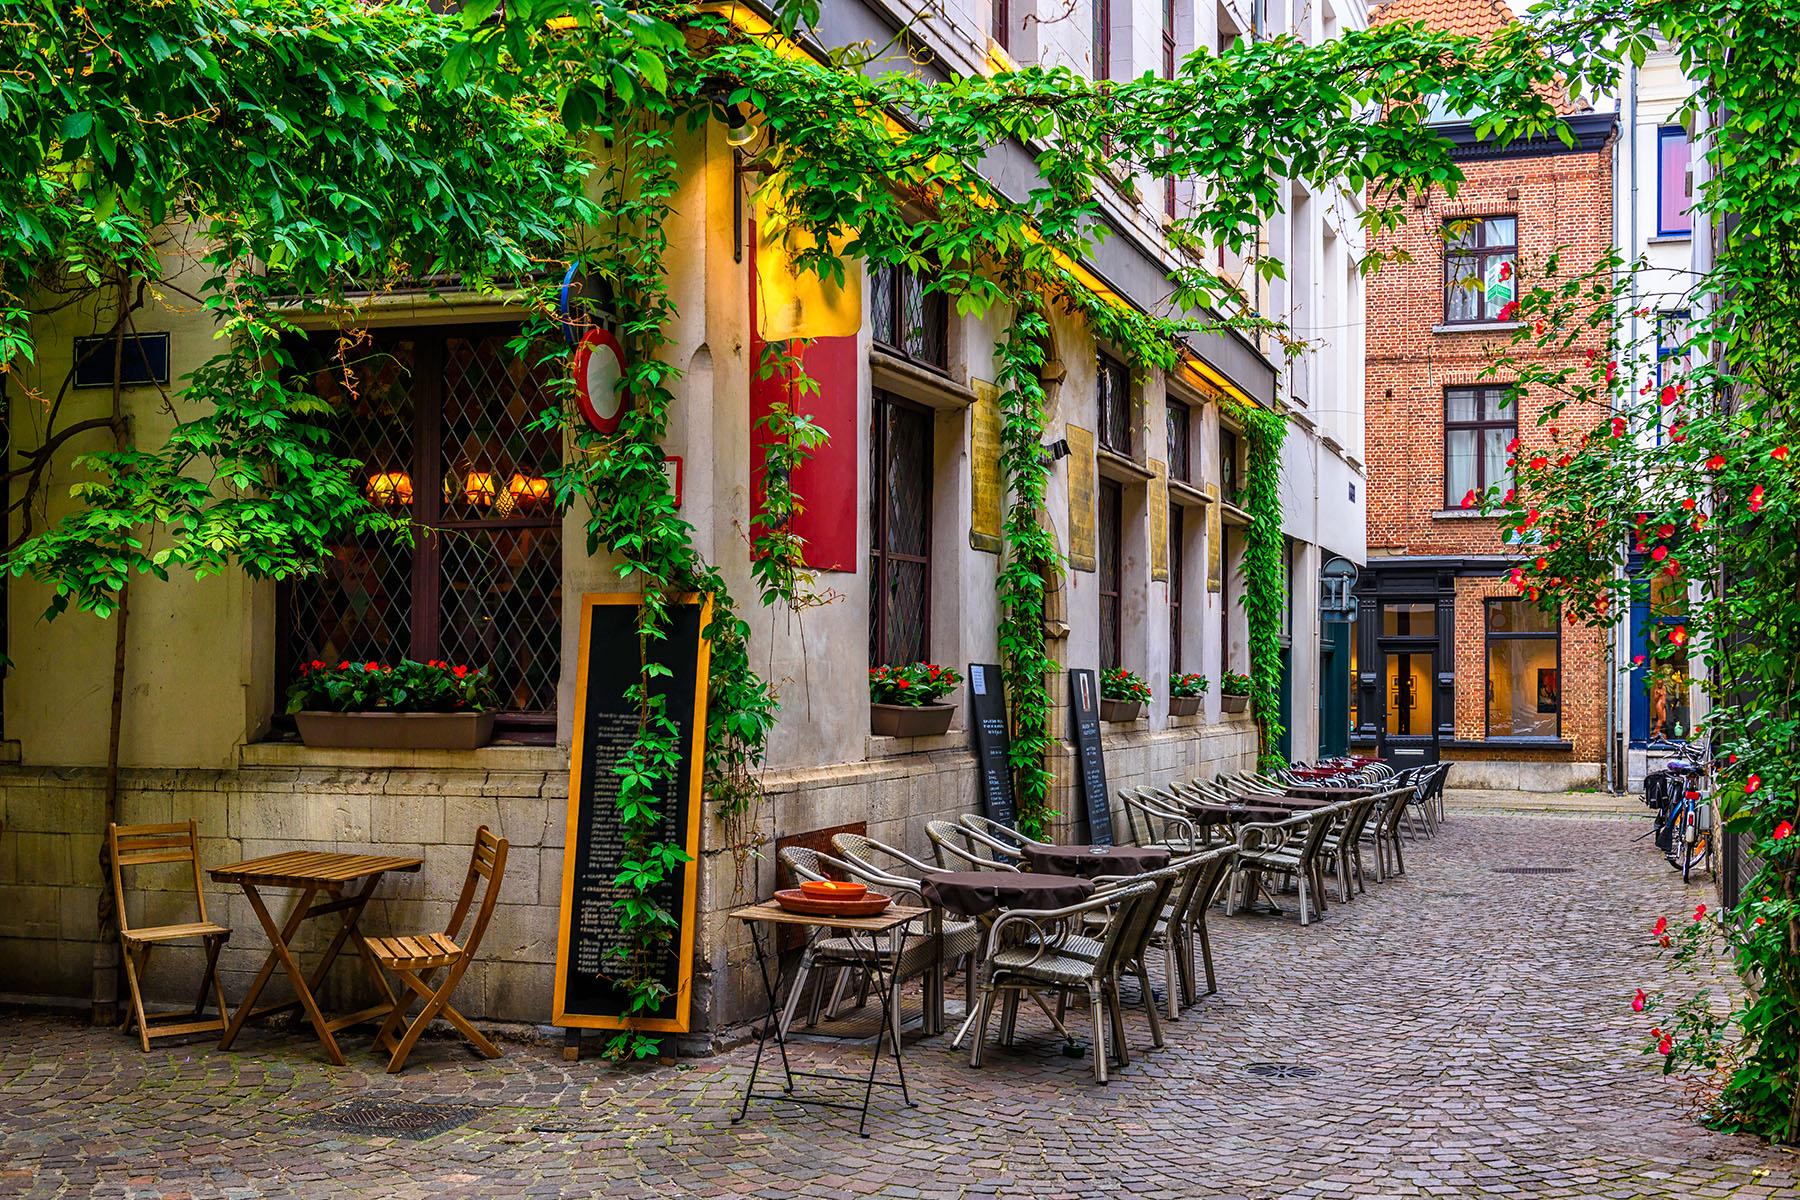 A café on a quiet street in Antwerp's city center